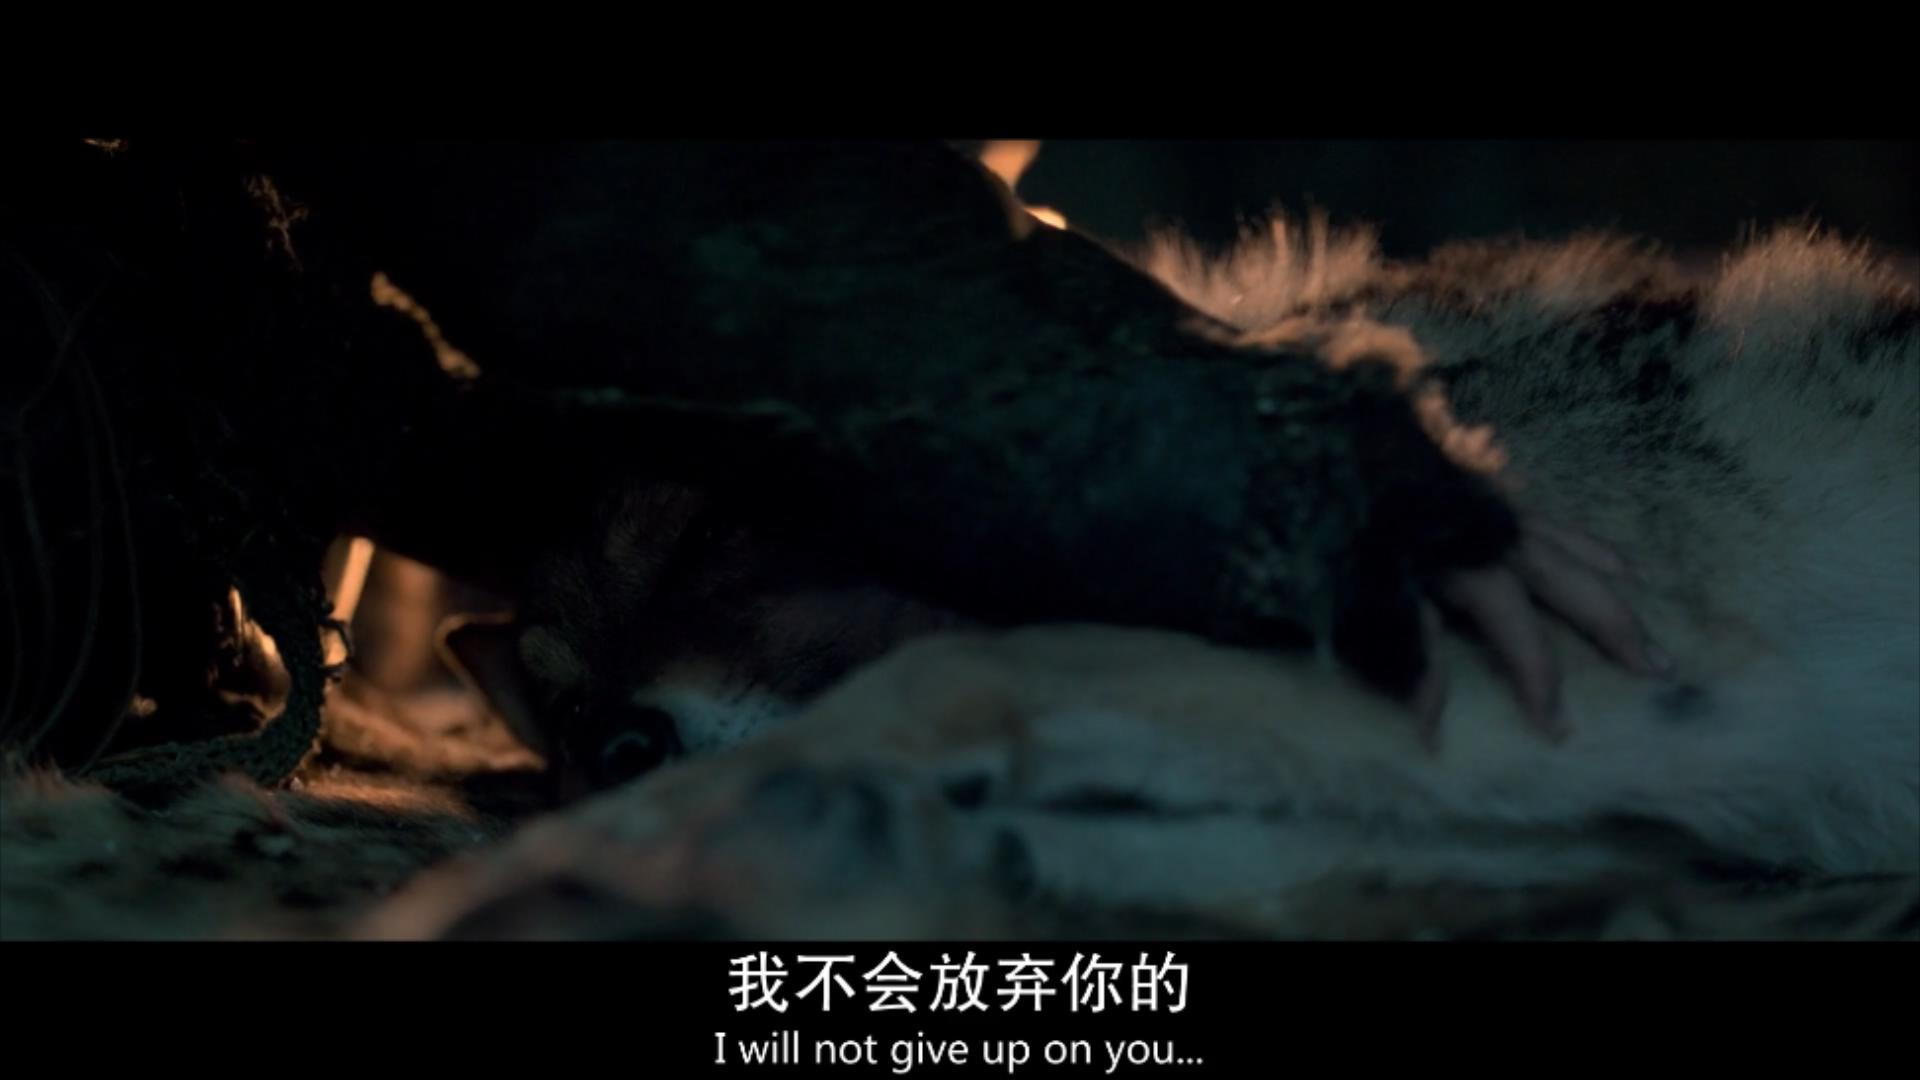 2018《阿尔法:狼伴归途》2700字,7分钟剧情解说稿-第13张图片